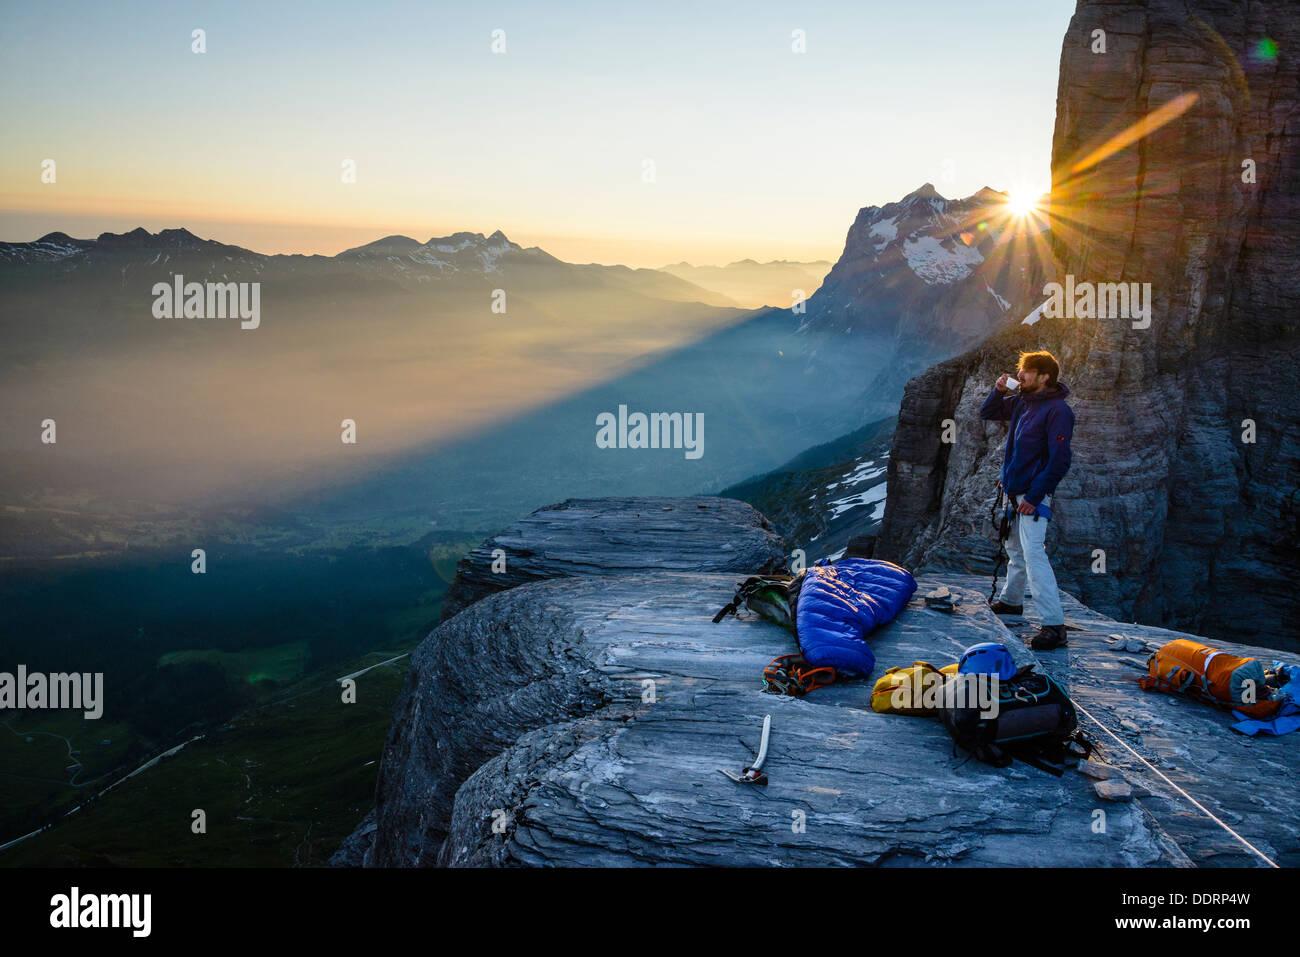 Kaffee am Morgen nach einem Biwak auf den Rotstock oberhalb Grindelwald Schweiz wie die Sonne löscht nur das Wetterhorn/Mittelhorn Stockbild